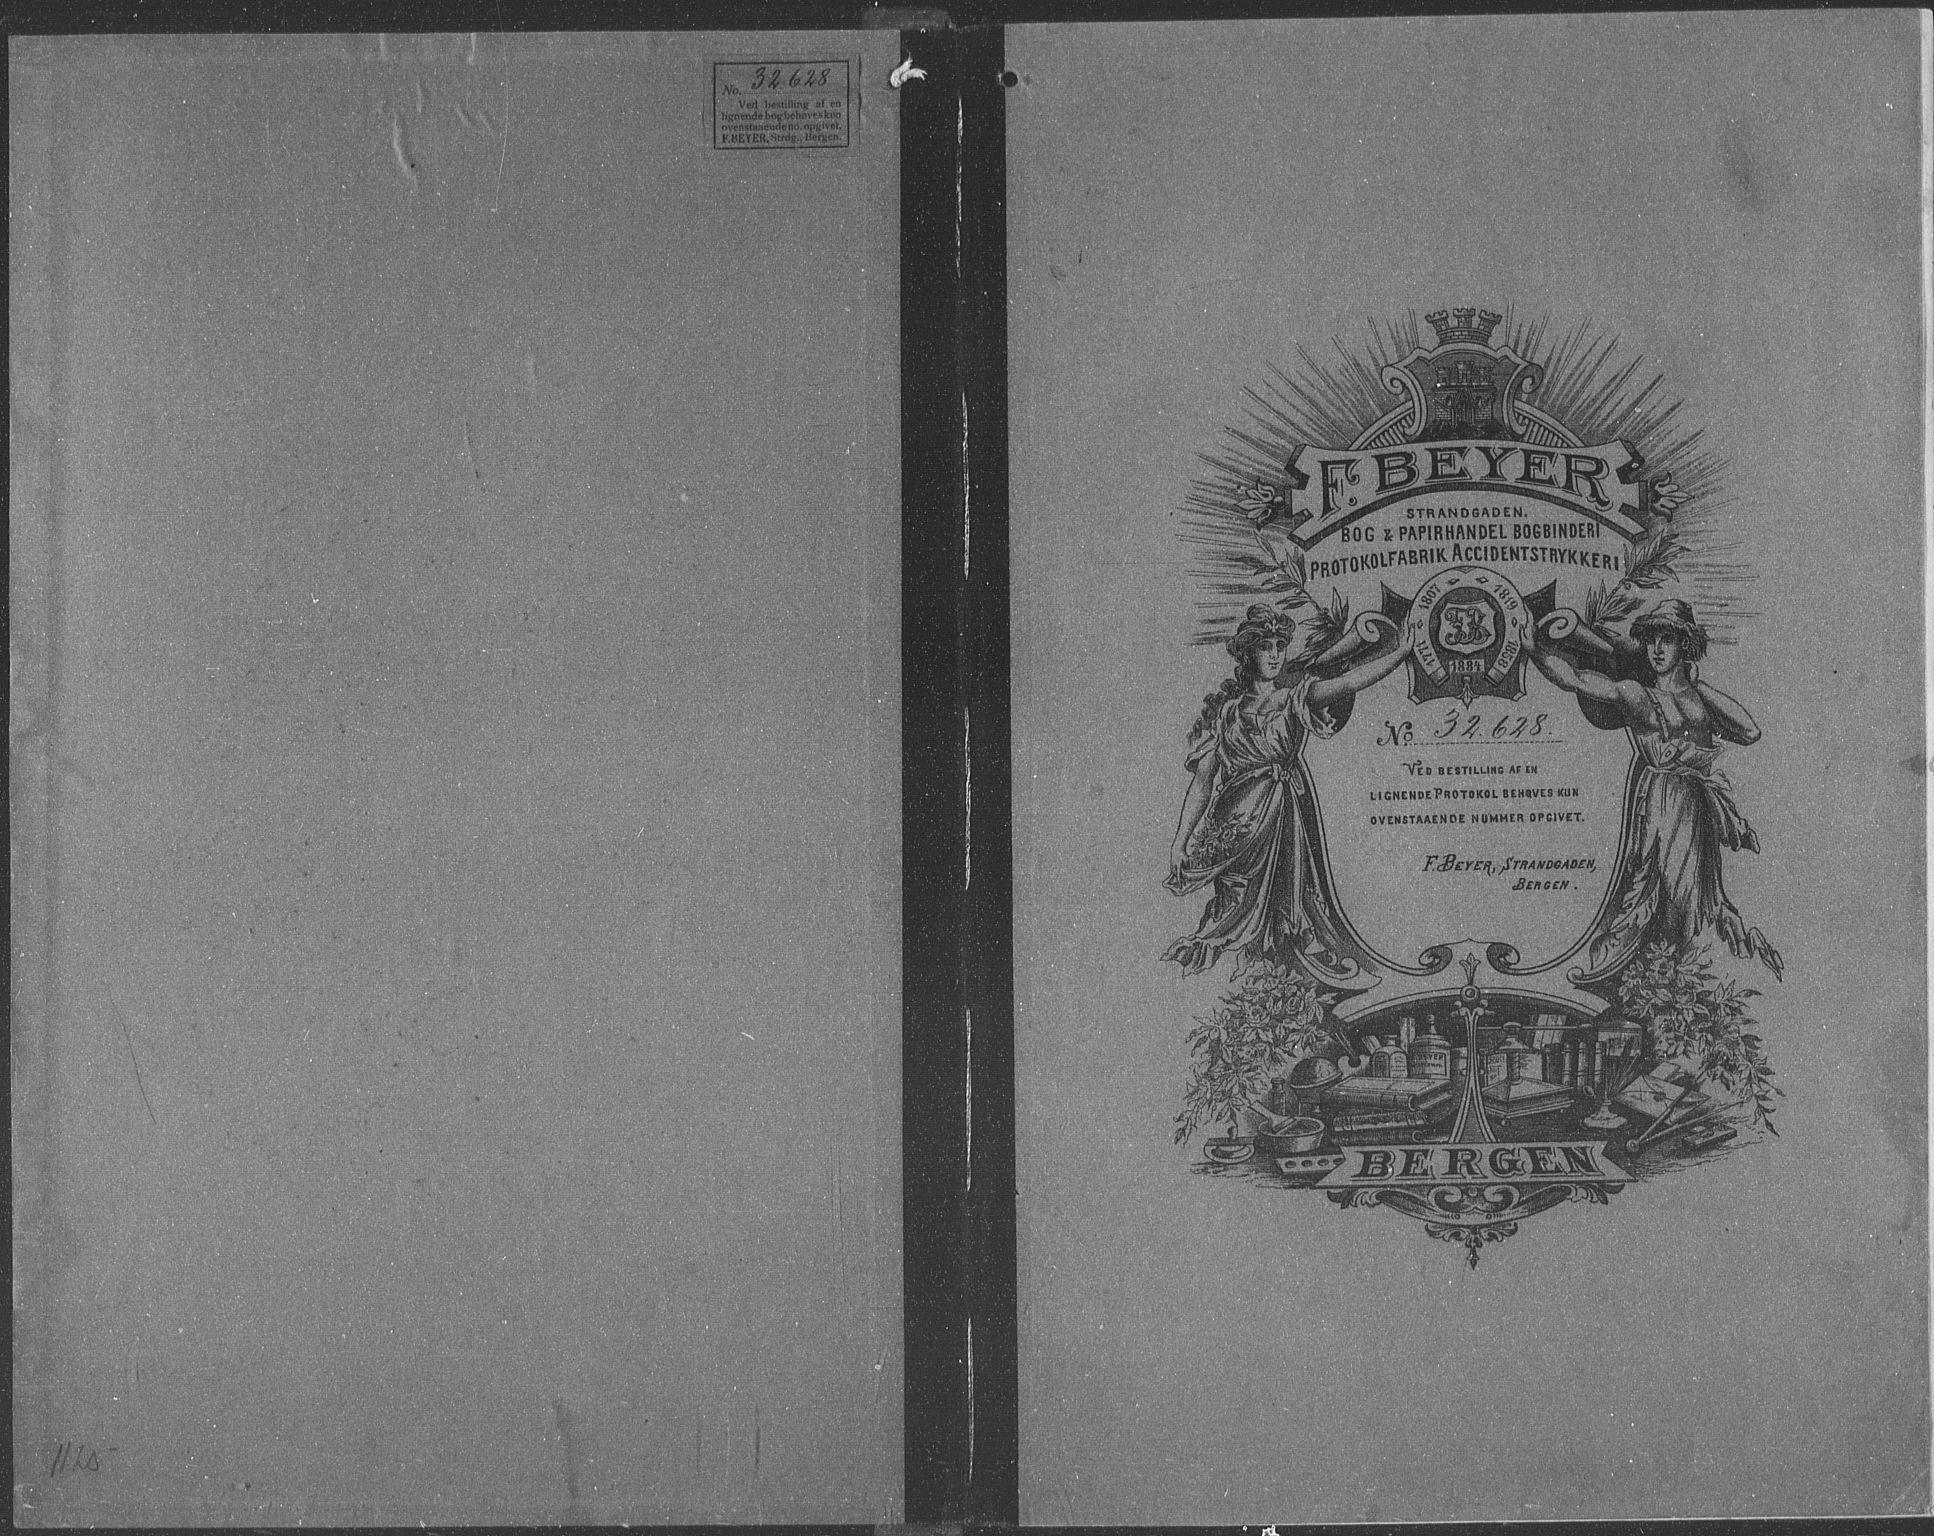 SAT, Ministerialprotokoller, klokkerbøker og fødselsregistre - Sør-Trøndelag, 608/L0342: Klokkerbok nr. 608C08, 1912-1938